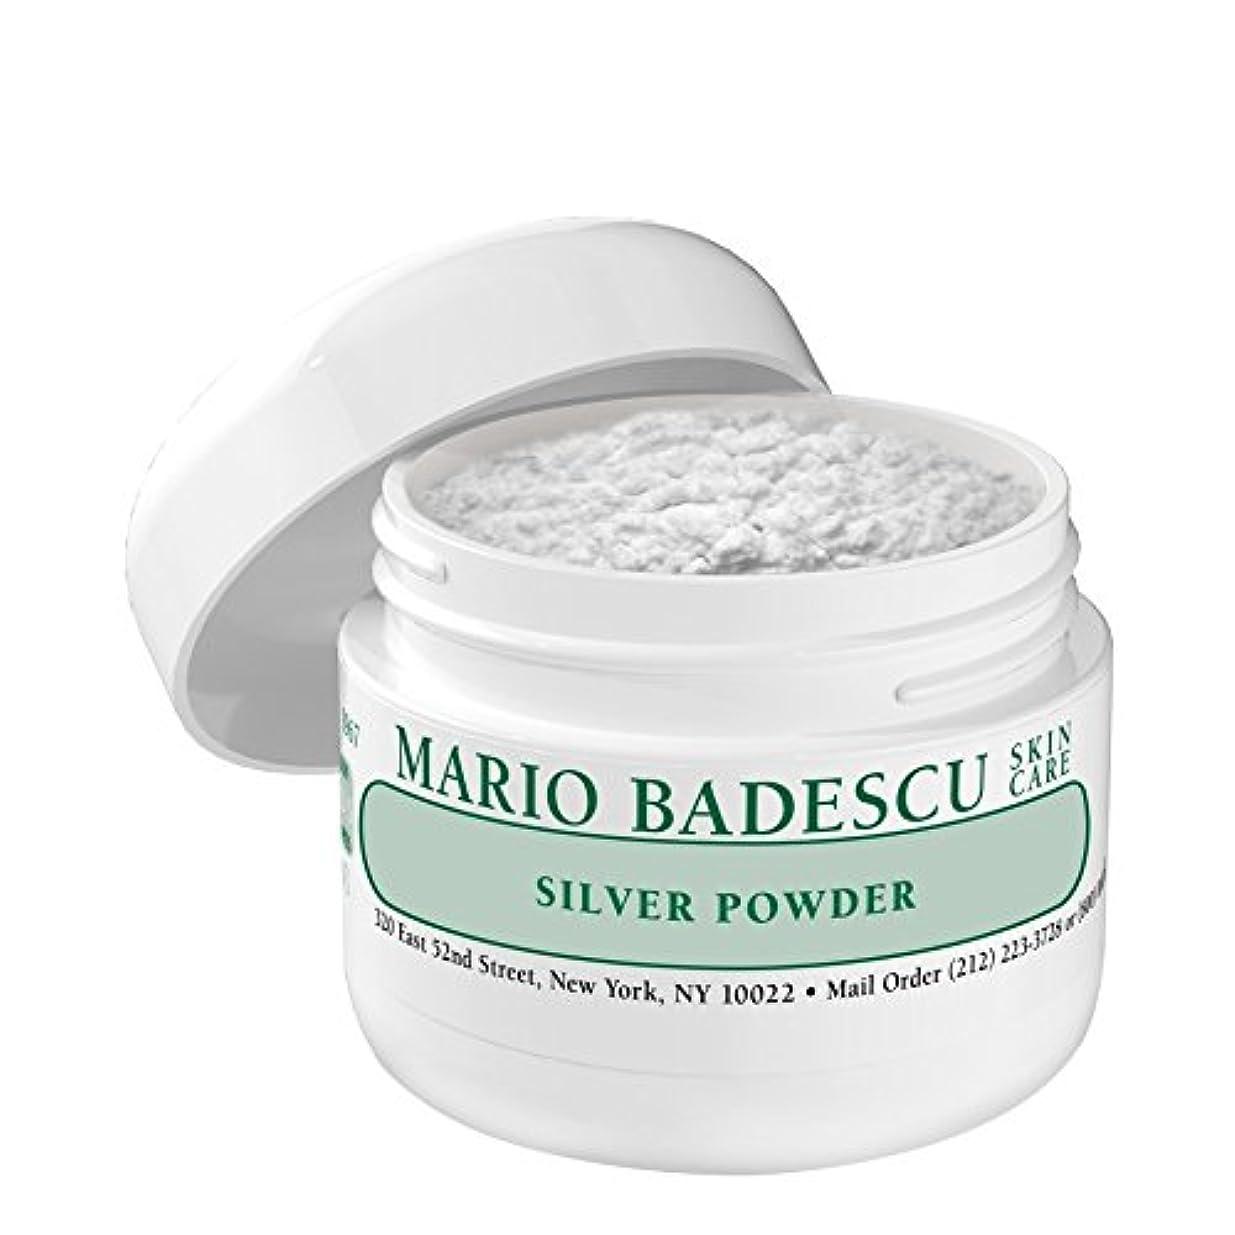 心のこもった姿勢差別化するMario Badescu Silver Powder - マリオ?バデスキュー銀粉末 [並行輸入品]